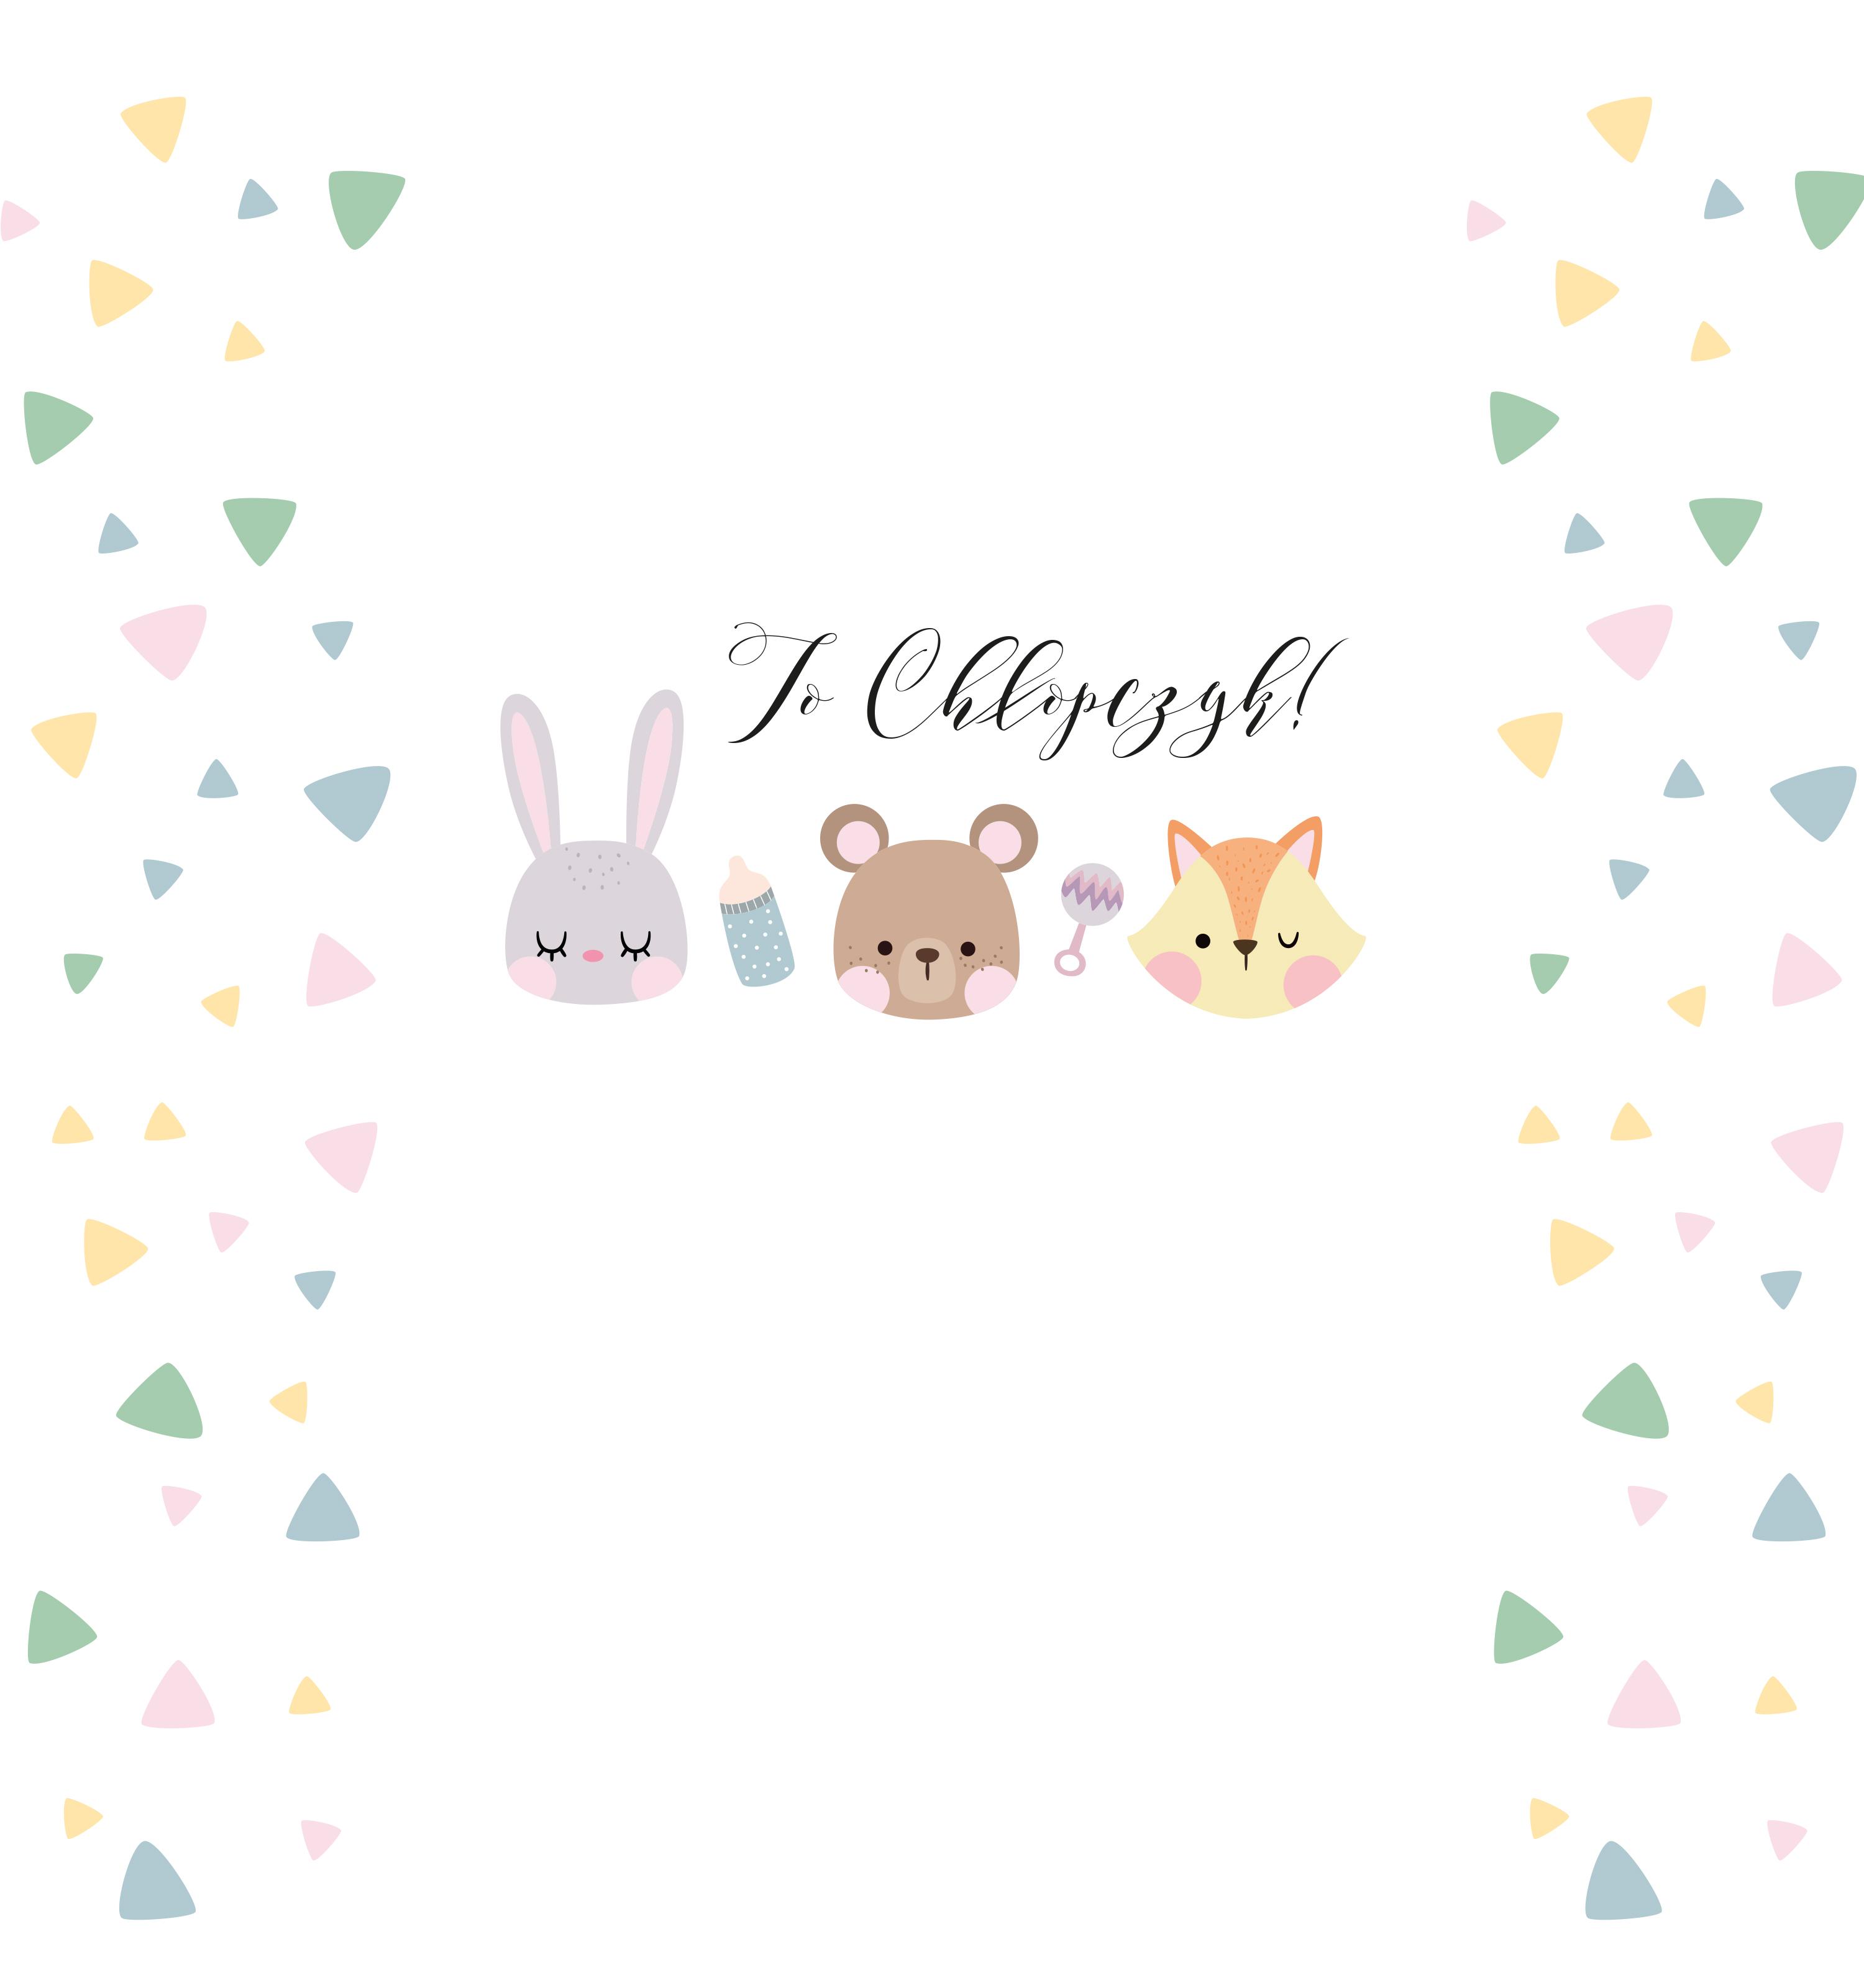 krówki baby shower chłopczyk miś królik lis